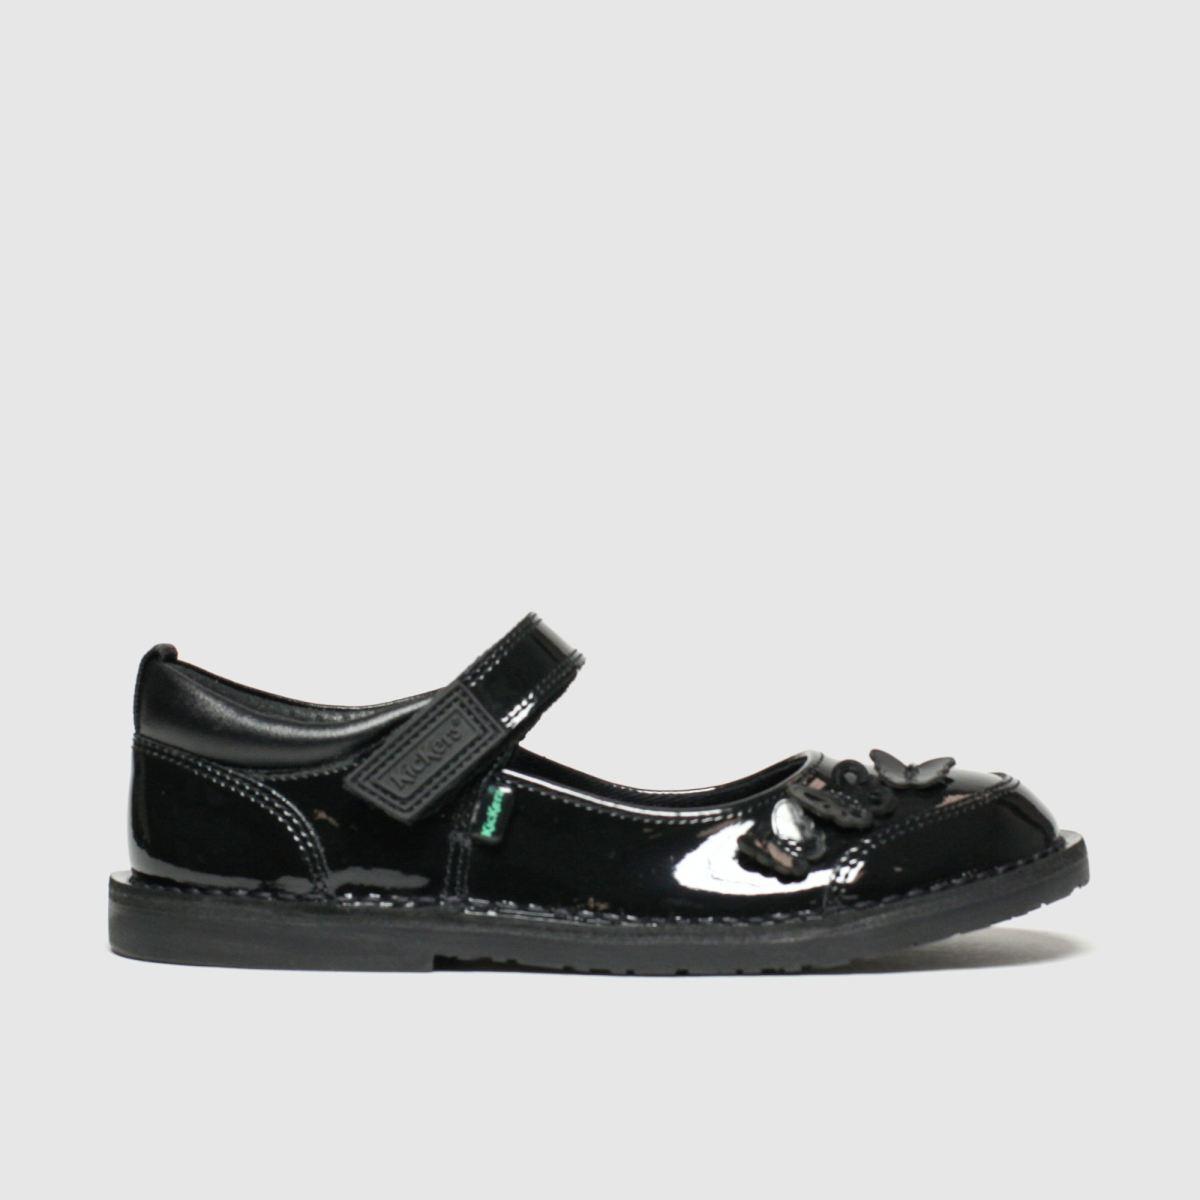 Kickers Black Kick Adlar Flutter Shoes Toddler